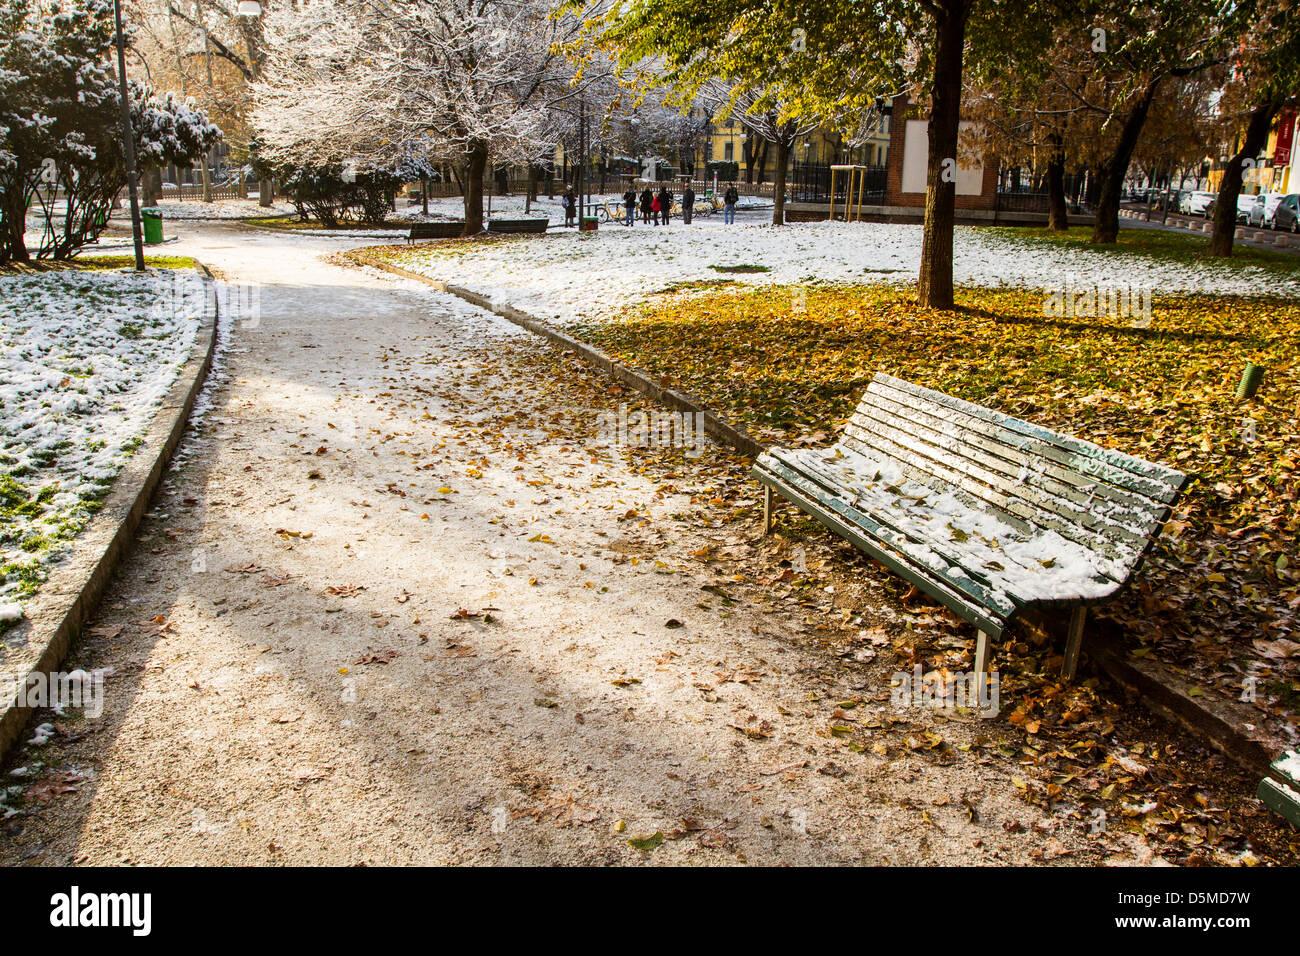 Piazza coperta dalla neve. Milano, Provincia di Milano, Italia. Immagini Stock